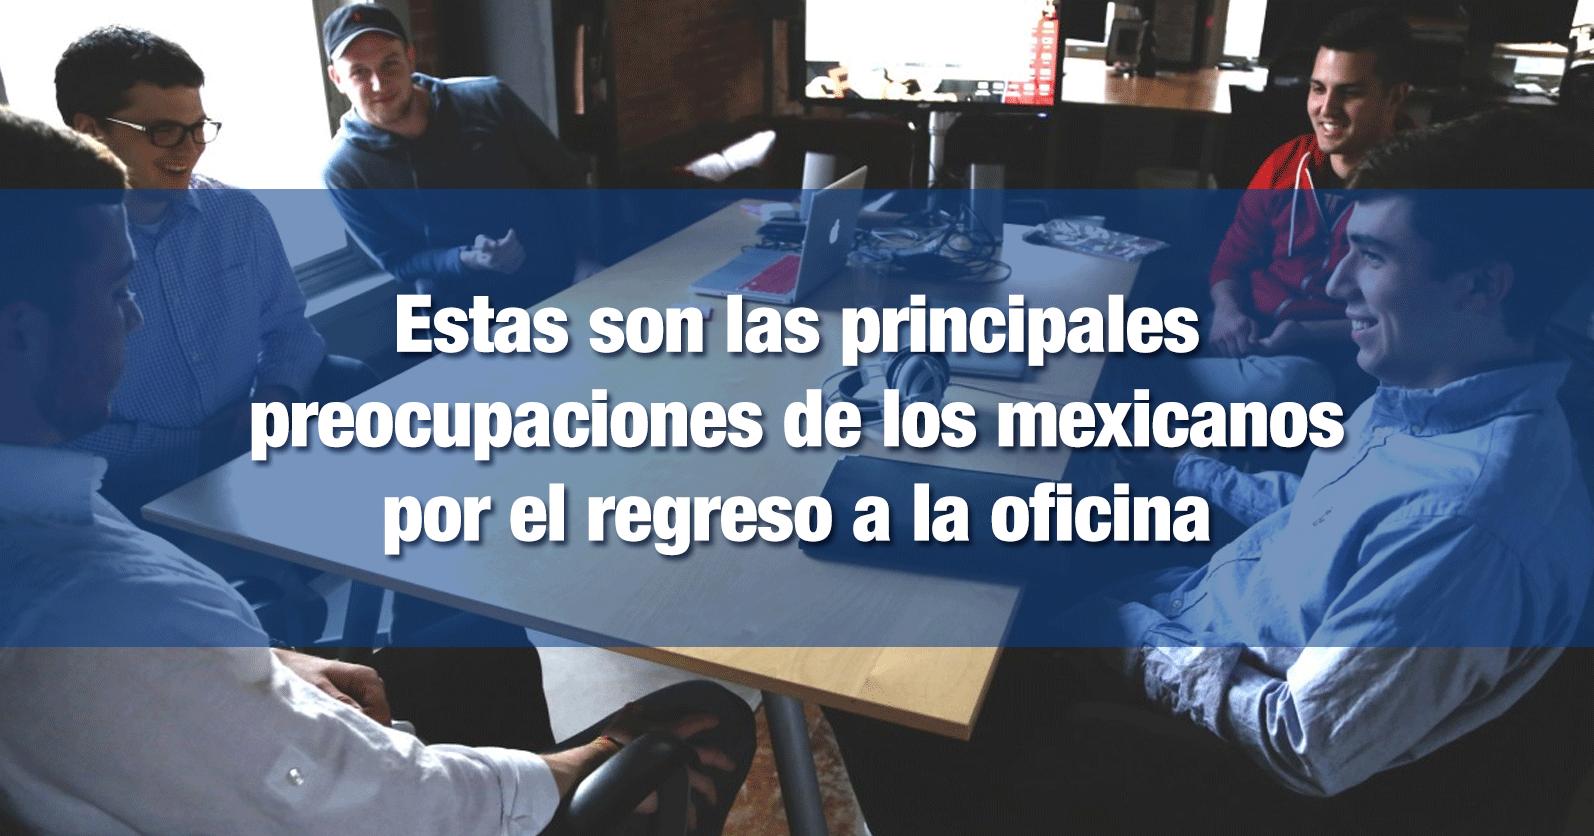 Estas son las principales preocupaciones de los mexicanos por el regreso a la oficina